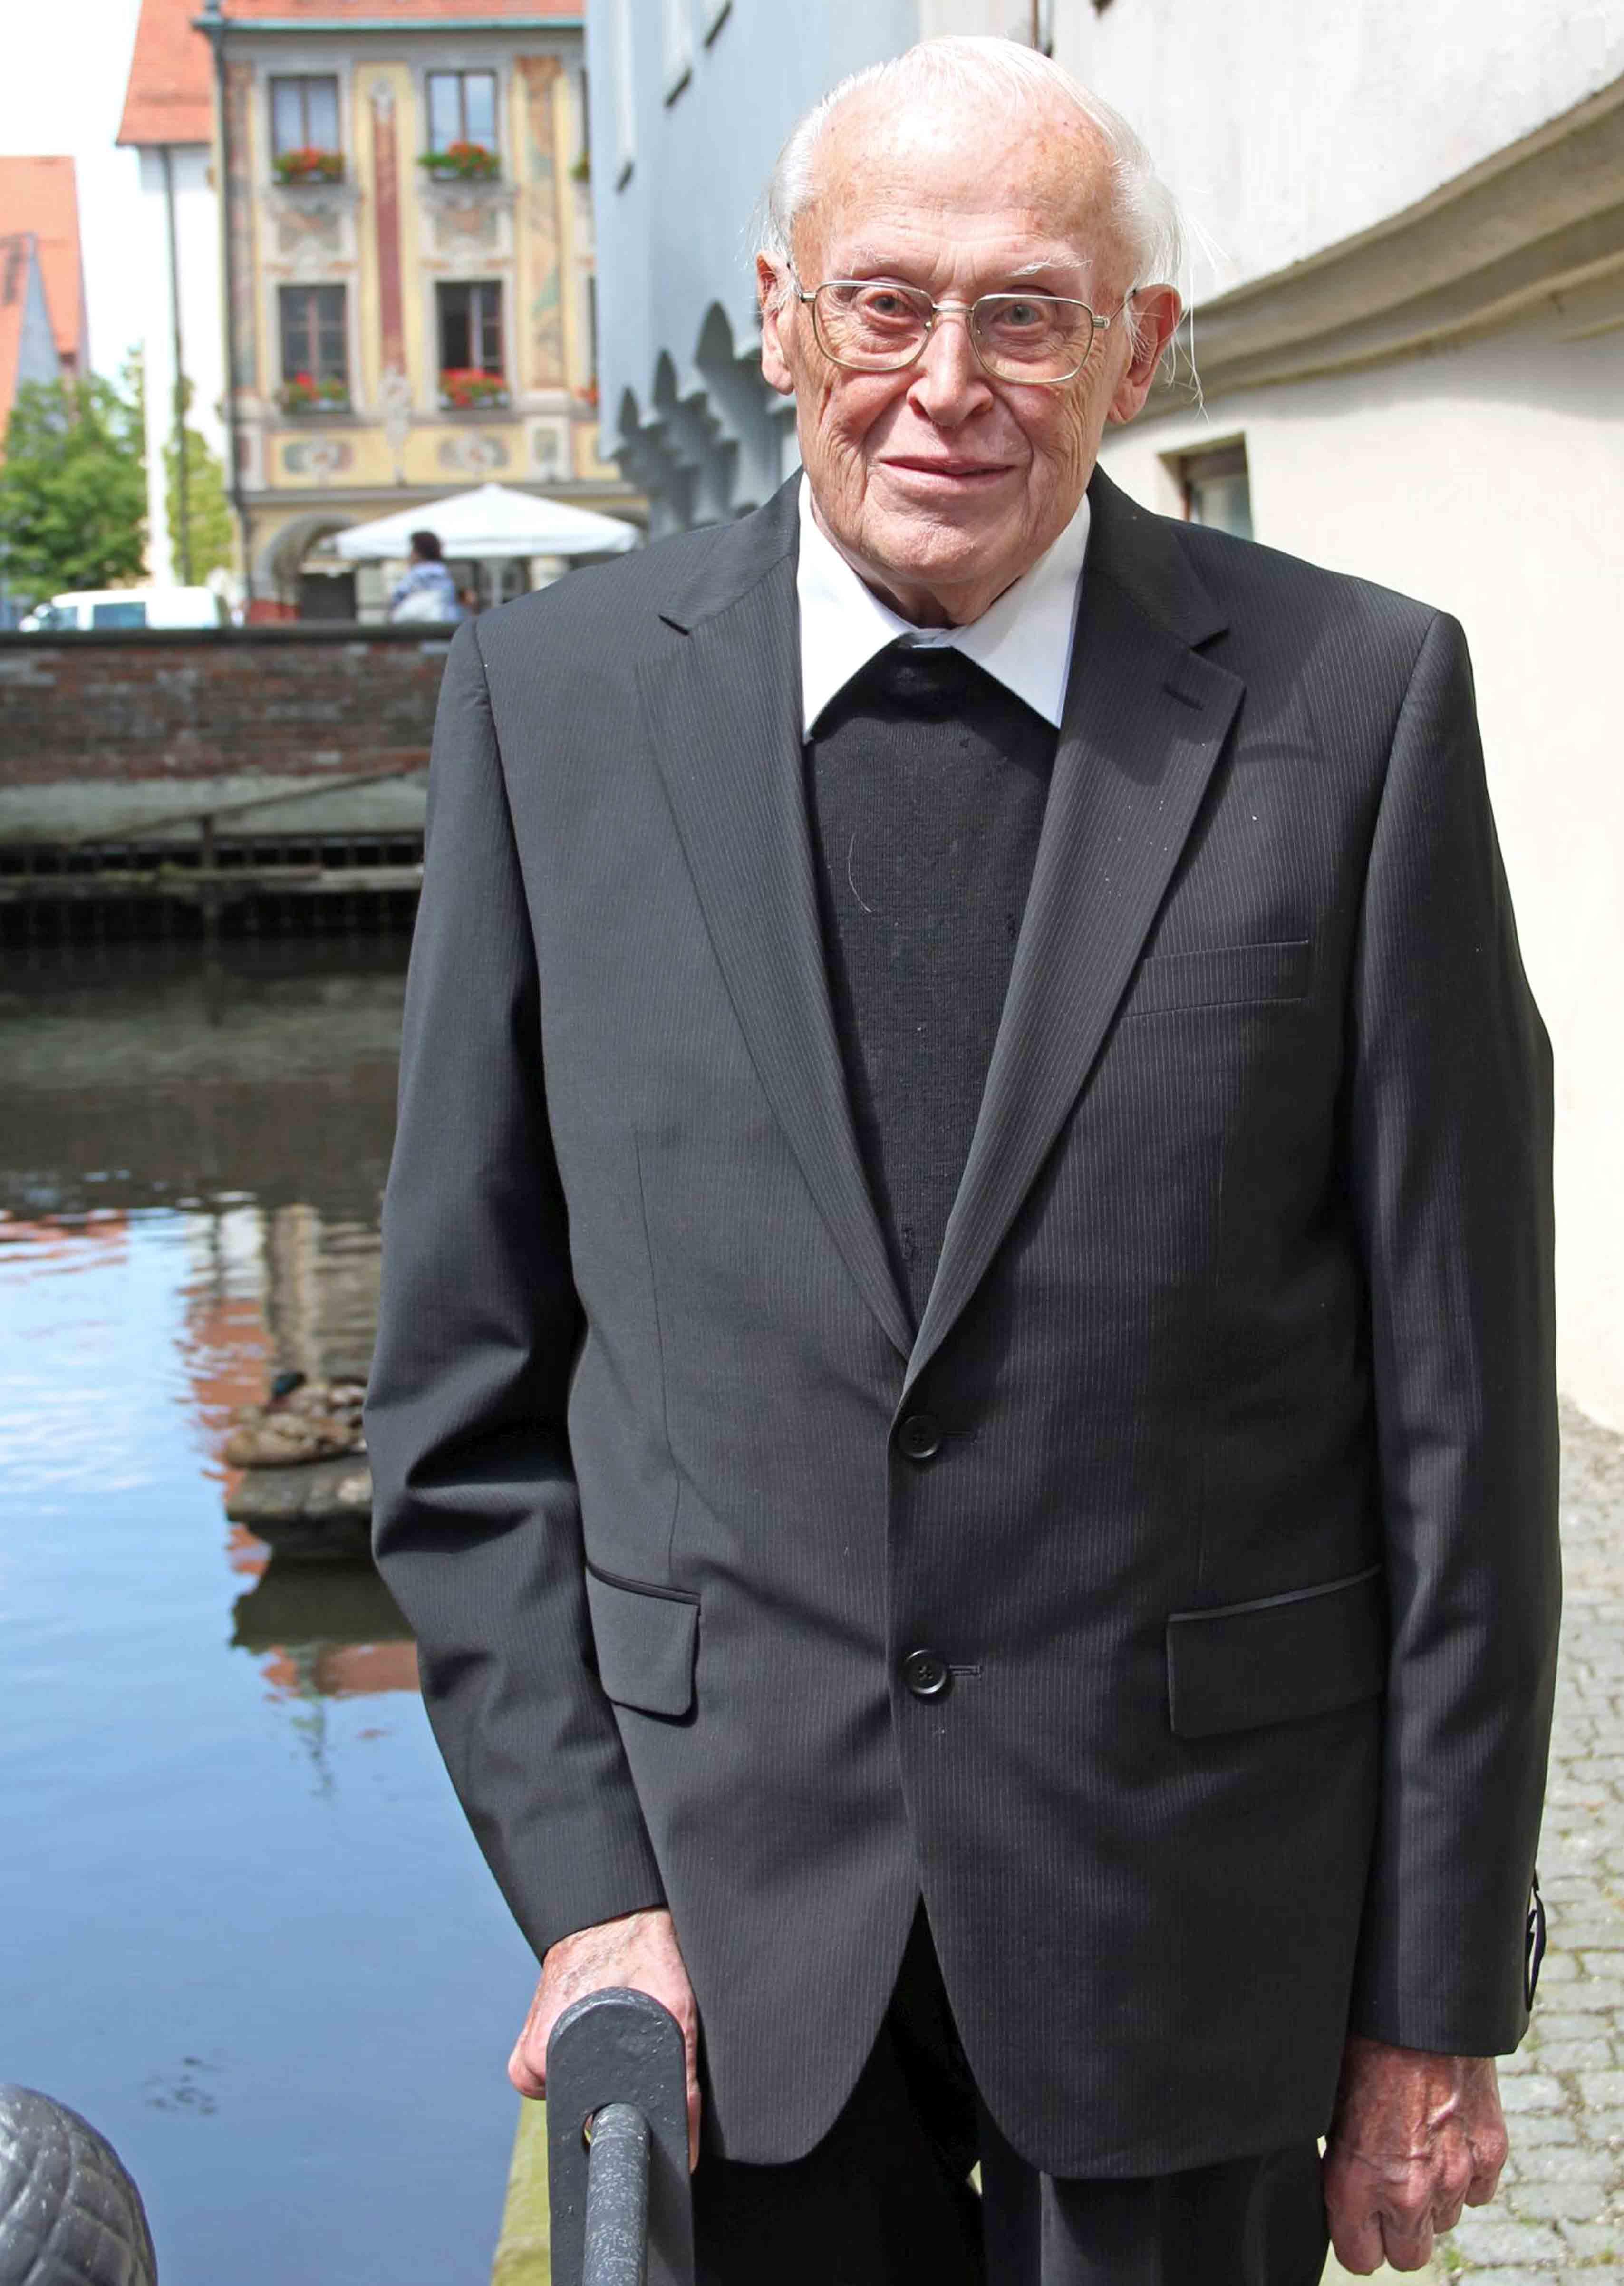 Weihbischof Max Ziegelbauer am Stadtbach seiner geliebten Heimatstadt Memmingen. (Archivaufnahme aus dem Jahr 2013. Foto: Alexandra Wehr/Pressestelle Stadt Memmingen)